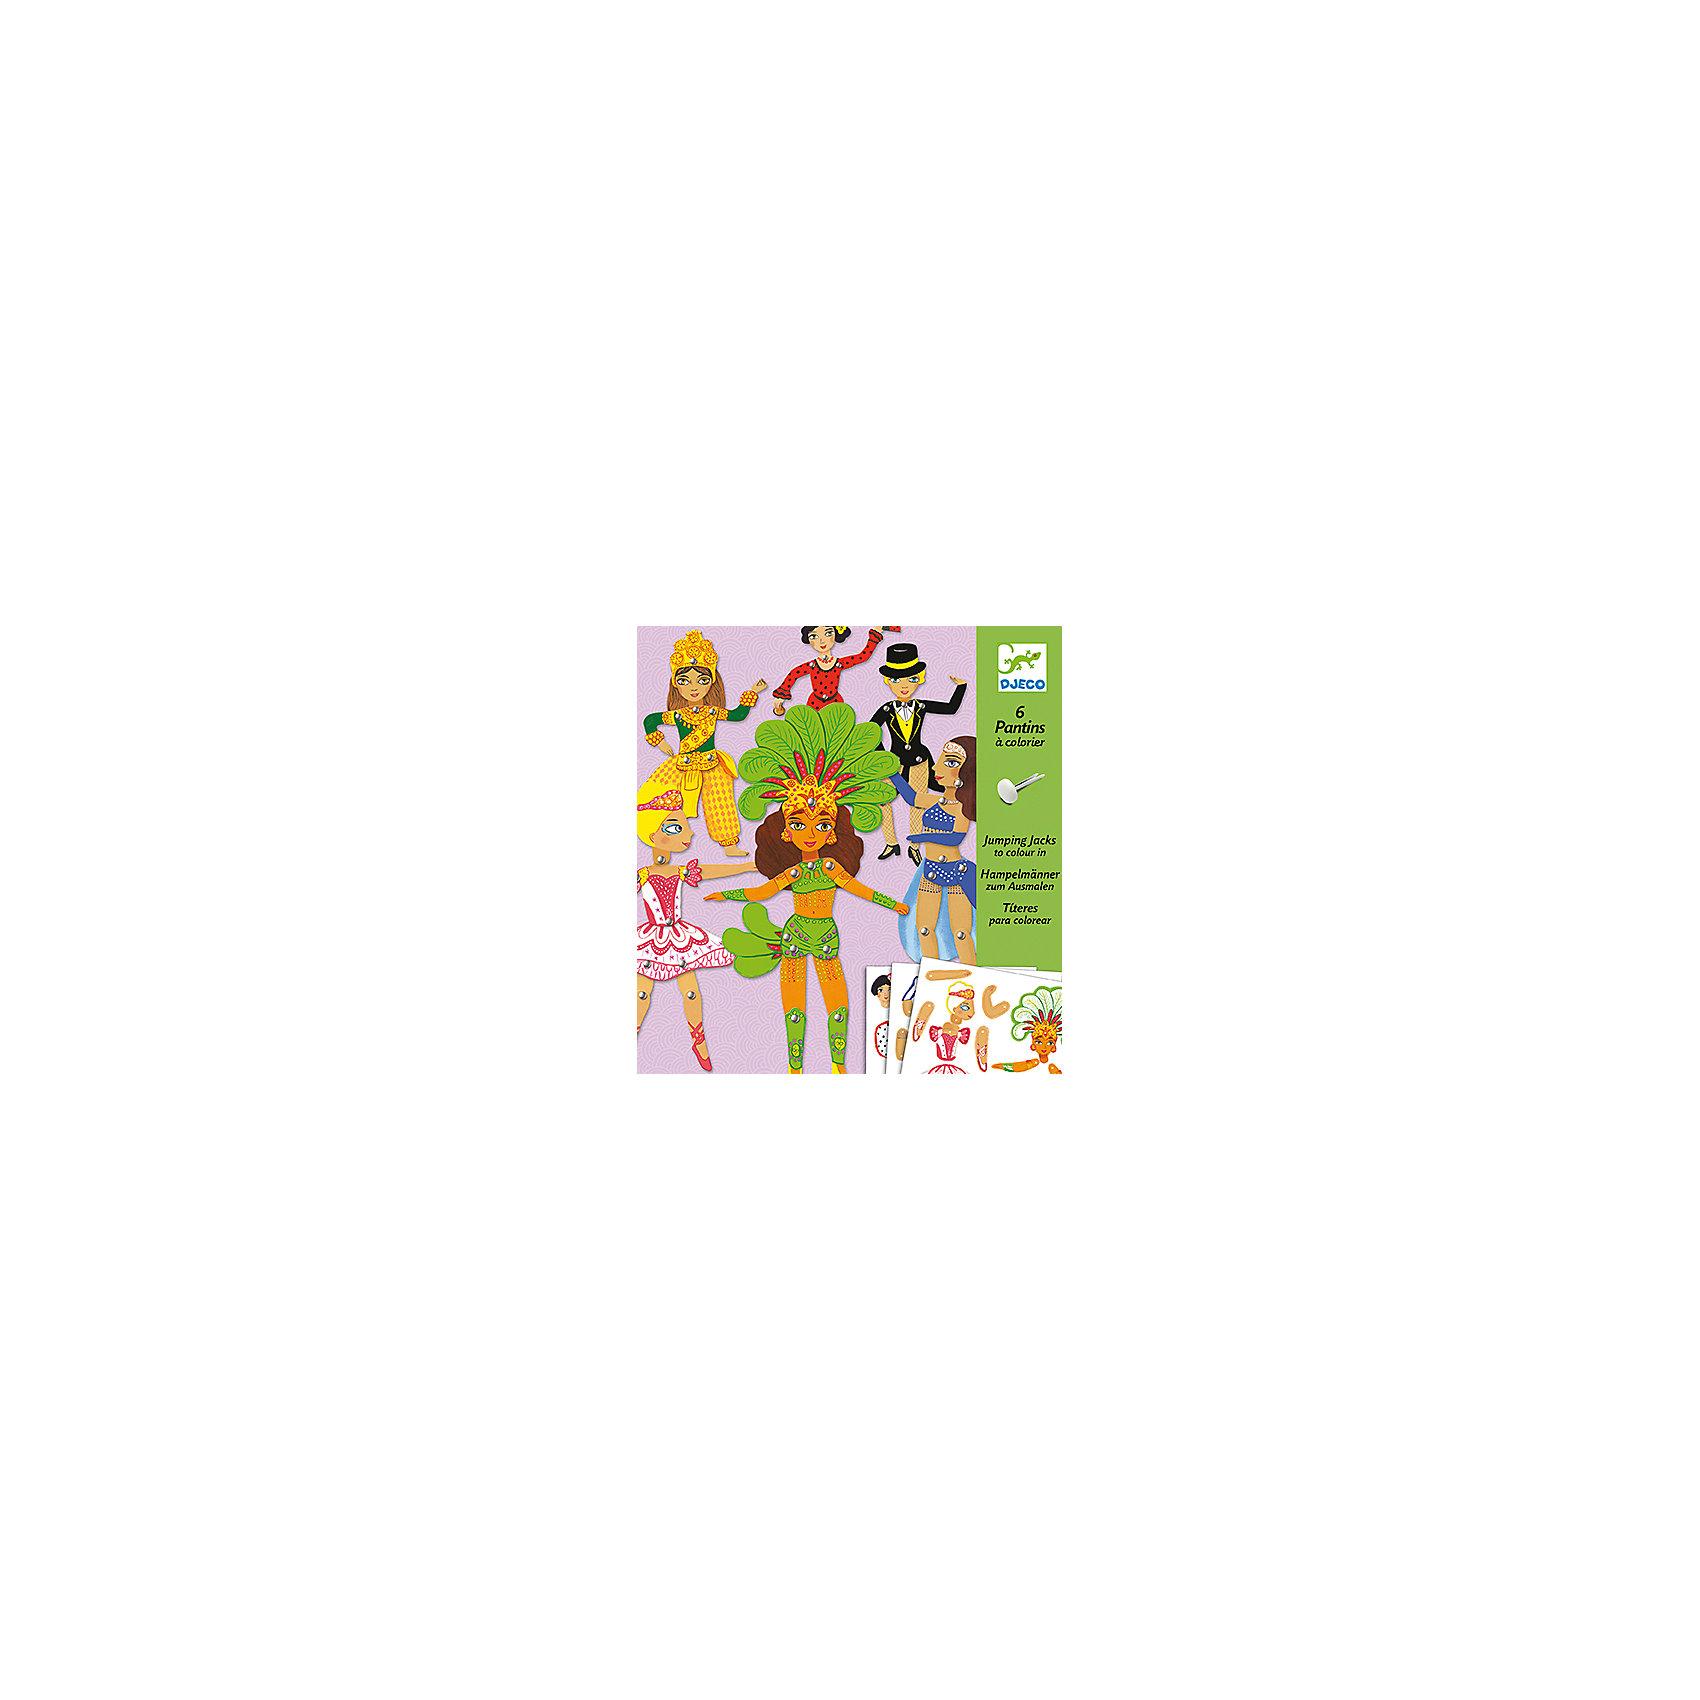 Набор куколок Танцы , DJECOОкружающий мир<br>Набор куколок Танцы - оригинальный набор для детского творчества и увлекательная игра одновременно. Из разнообразных ярких деталей и разноцветных кнопок ваш ребенок с интересом составит 6 фигур танцовщиц в разных жанрах (бразильском, латиноамериканском, индийском). Ноги и руки кукол подвижные, что делает игру еще более динамичной и занимательной.  Все детали соединяются без особых усилий, поэтому ребенок сможет самостоятельно собрать все фигурки. Если перед началом игры обвести все предлагаемые детали по контуру и перенести их на картон, у вас появятся заготовки для собственных оригинальных творений. Игра с набором, несомненно увлечет вашего ребенка и поможет ему развить творческие способности, внимание и мелкую моторику. <br><br>Дополнительная информация:<br><br>- Материал: картон, металл.<br>- Размер упаковки:  22х23 см.<br>- Комплектация: 45 деталей для 6 кукол, 6 палочек, 30 кнопок, инструкция<br>- В комплекте: 6 фигурок.<br>- Размер фигурки: 30 см.<br><br>Набор куколок Танцы , DJECO (Джеко), можно купить в нашем магазине.<br><br>Ширина мм: 220<br>Глубина мм: 230<br>Высота мм: 10<br>Вес г: 100<br>Возраст от месяцев: 60<br>Возраст до месяцев: 120<br>Пол: Унисекс<br>Возраст: Детский<br>SKU: 4051904